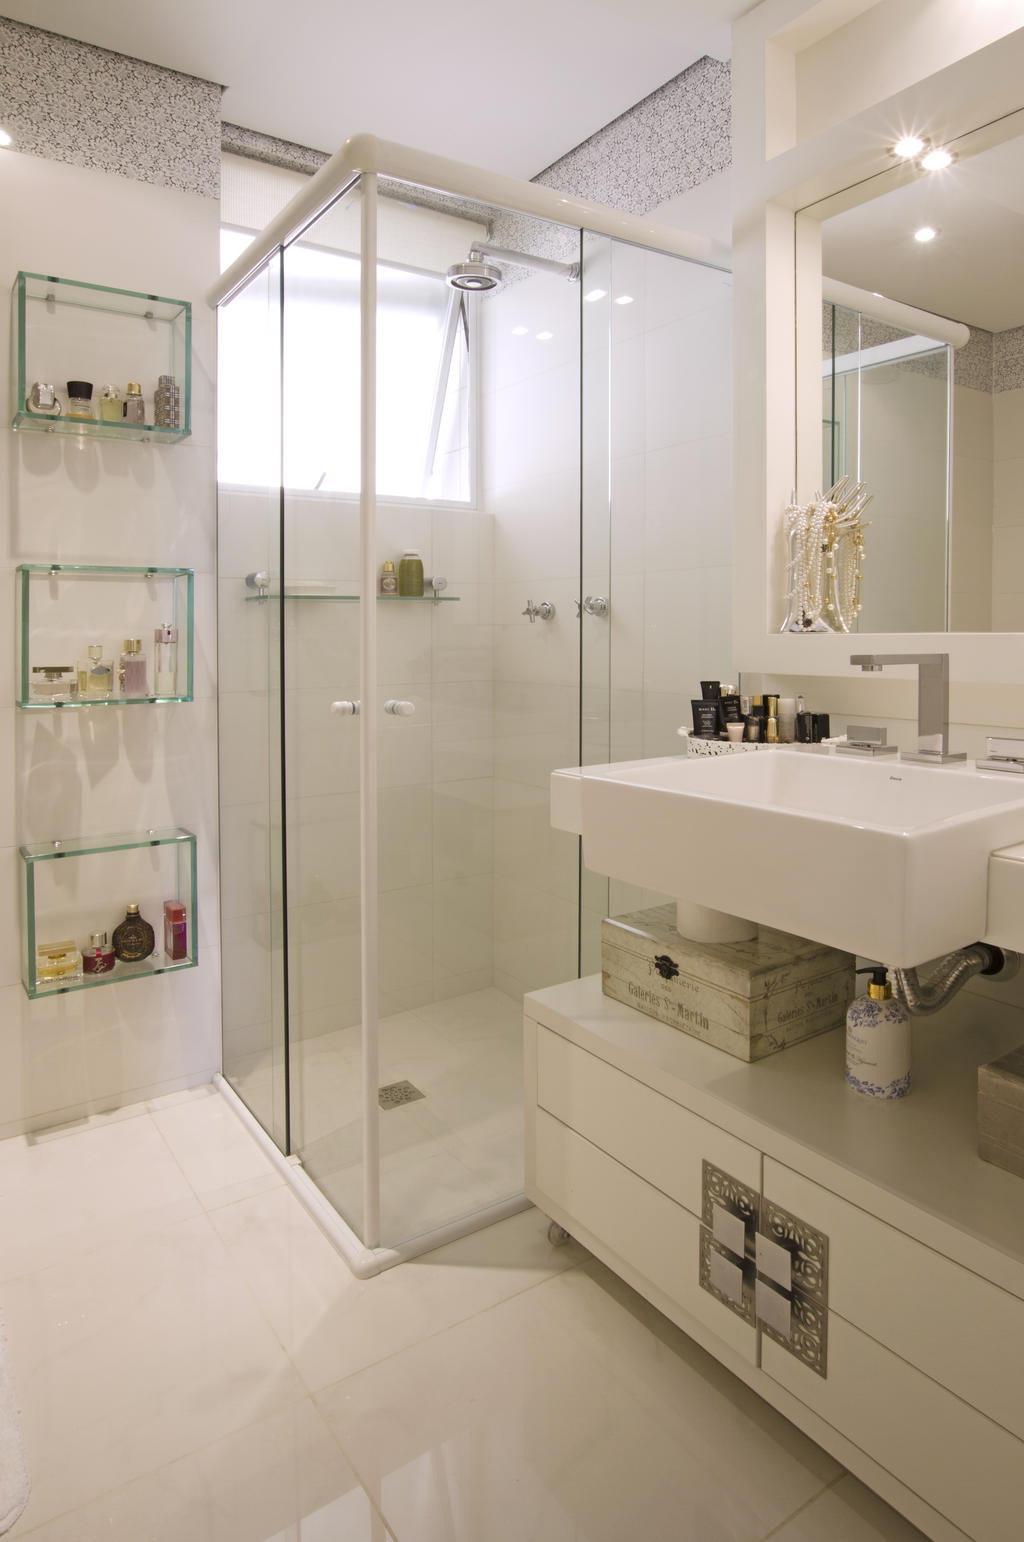 Imagens de #957636 banheiro social ganhou faixa de cerâmica no rodateto na mesma  1024x1542 px 3550 Blindex Banheiro Em São Gonçalo